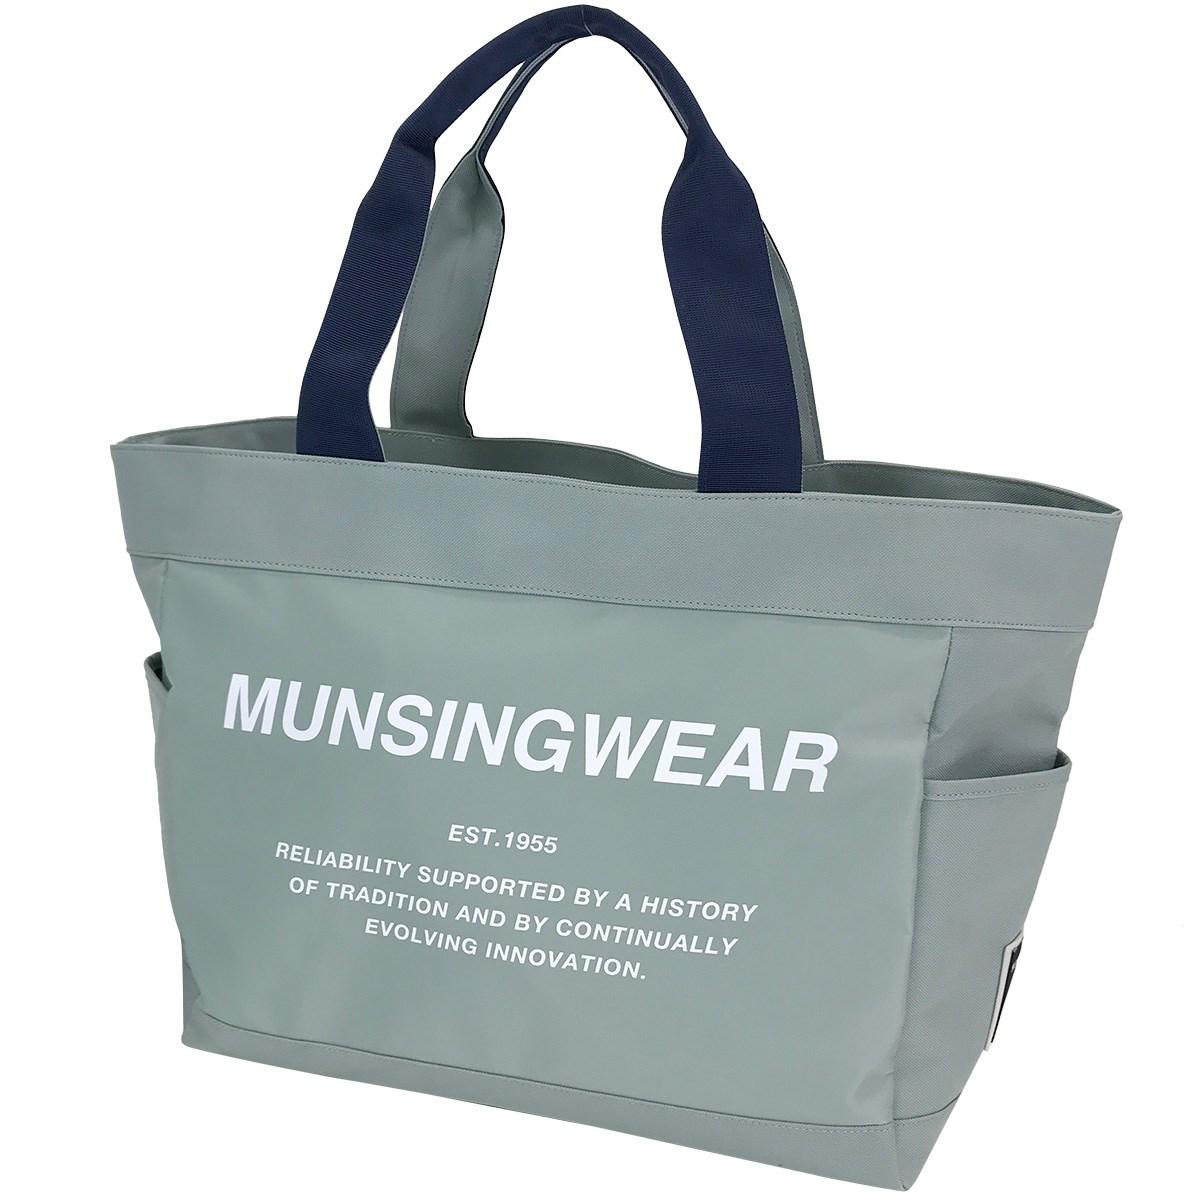 マンシングウェア Munsingwear ボストンバッグ グレー 00